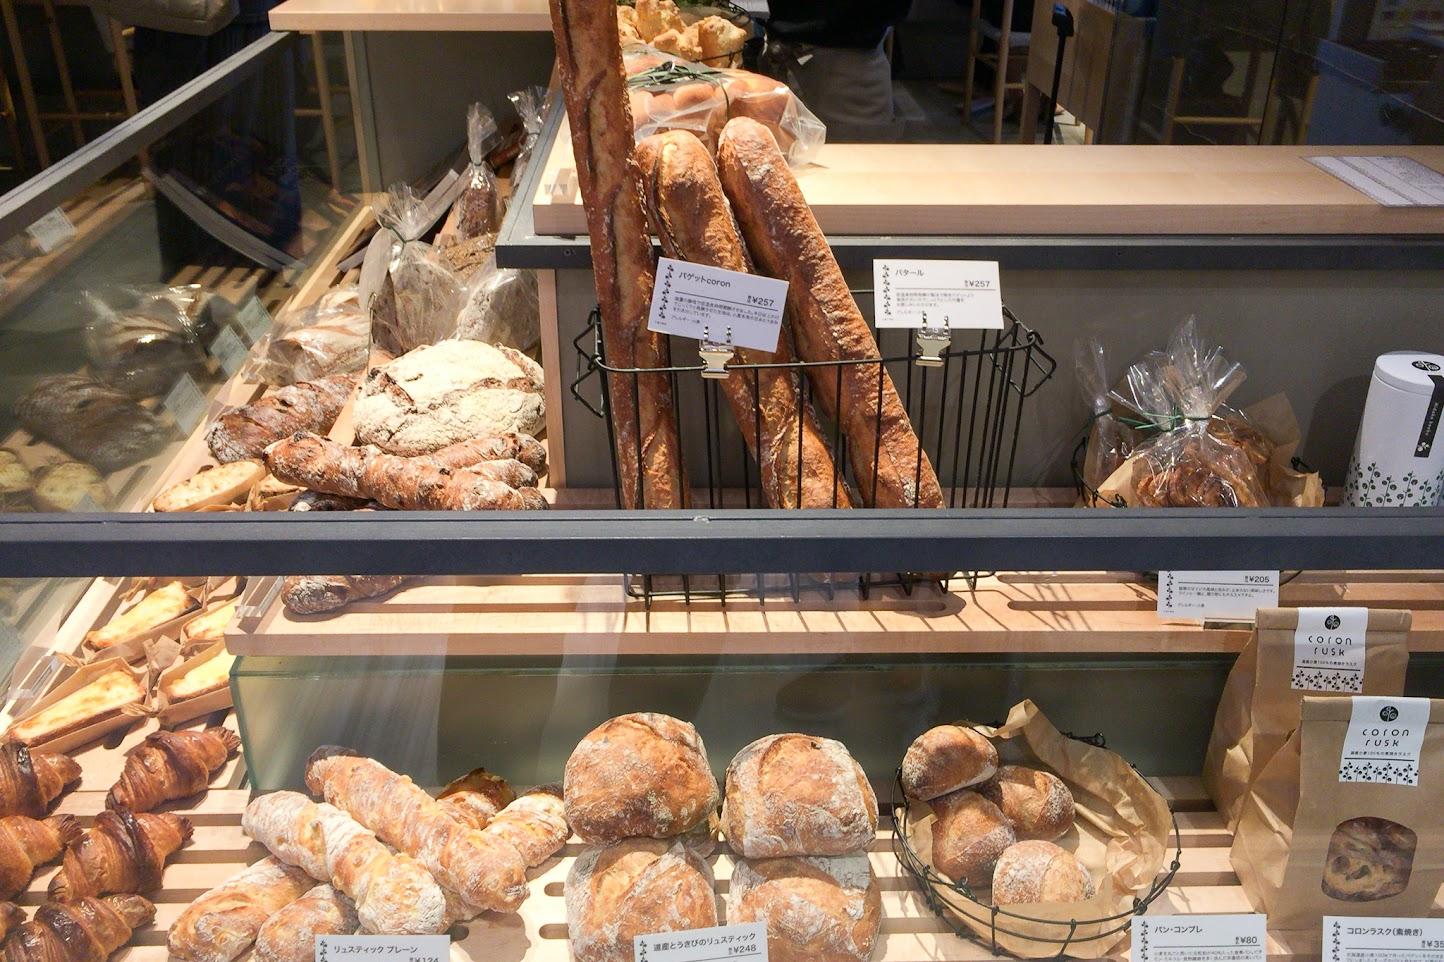 販売されているcoronのパン